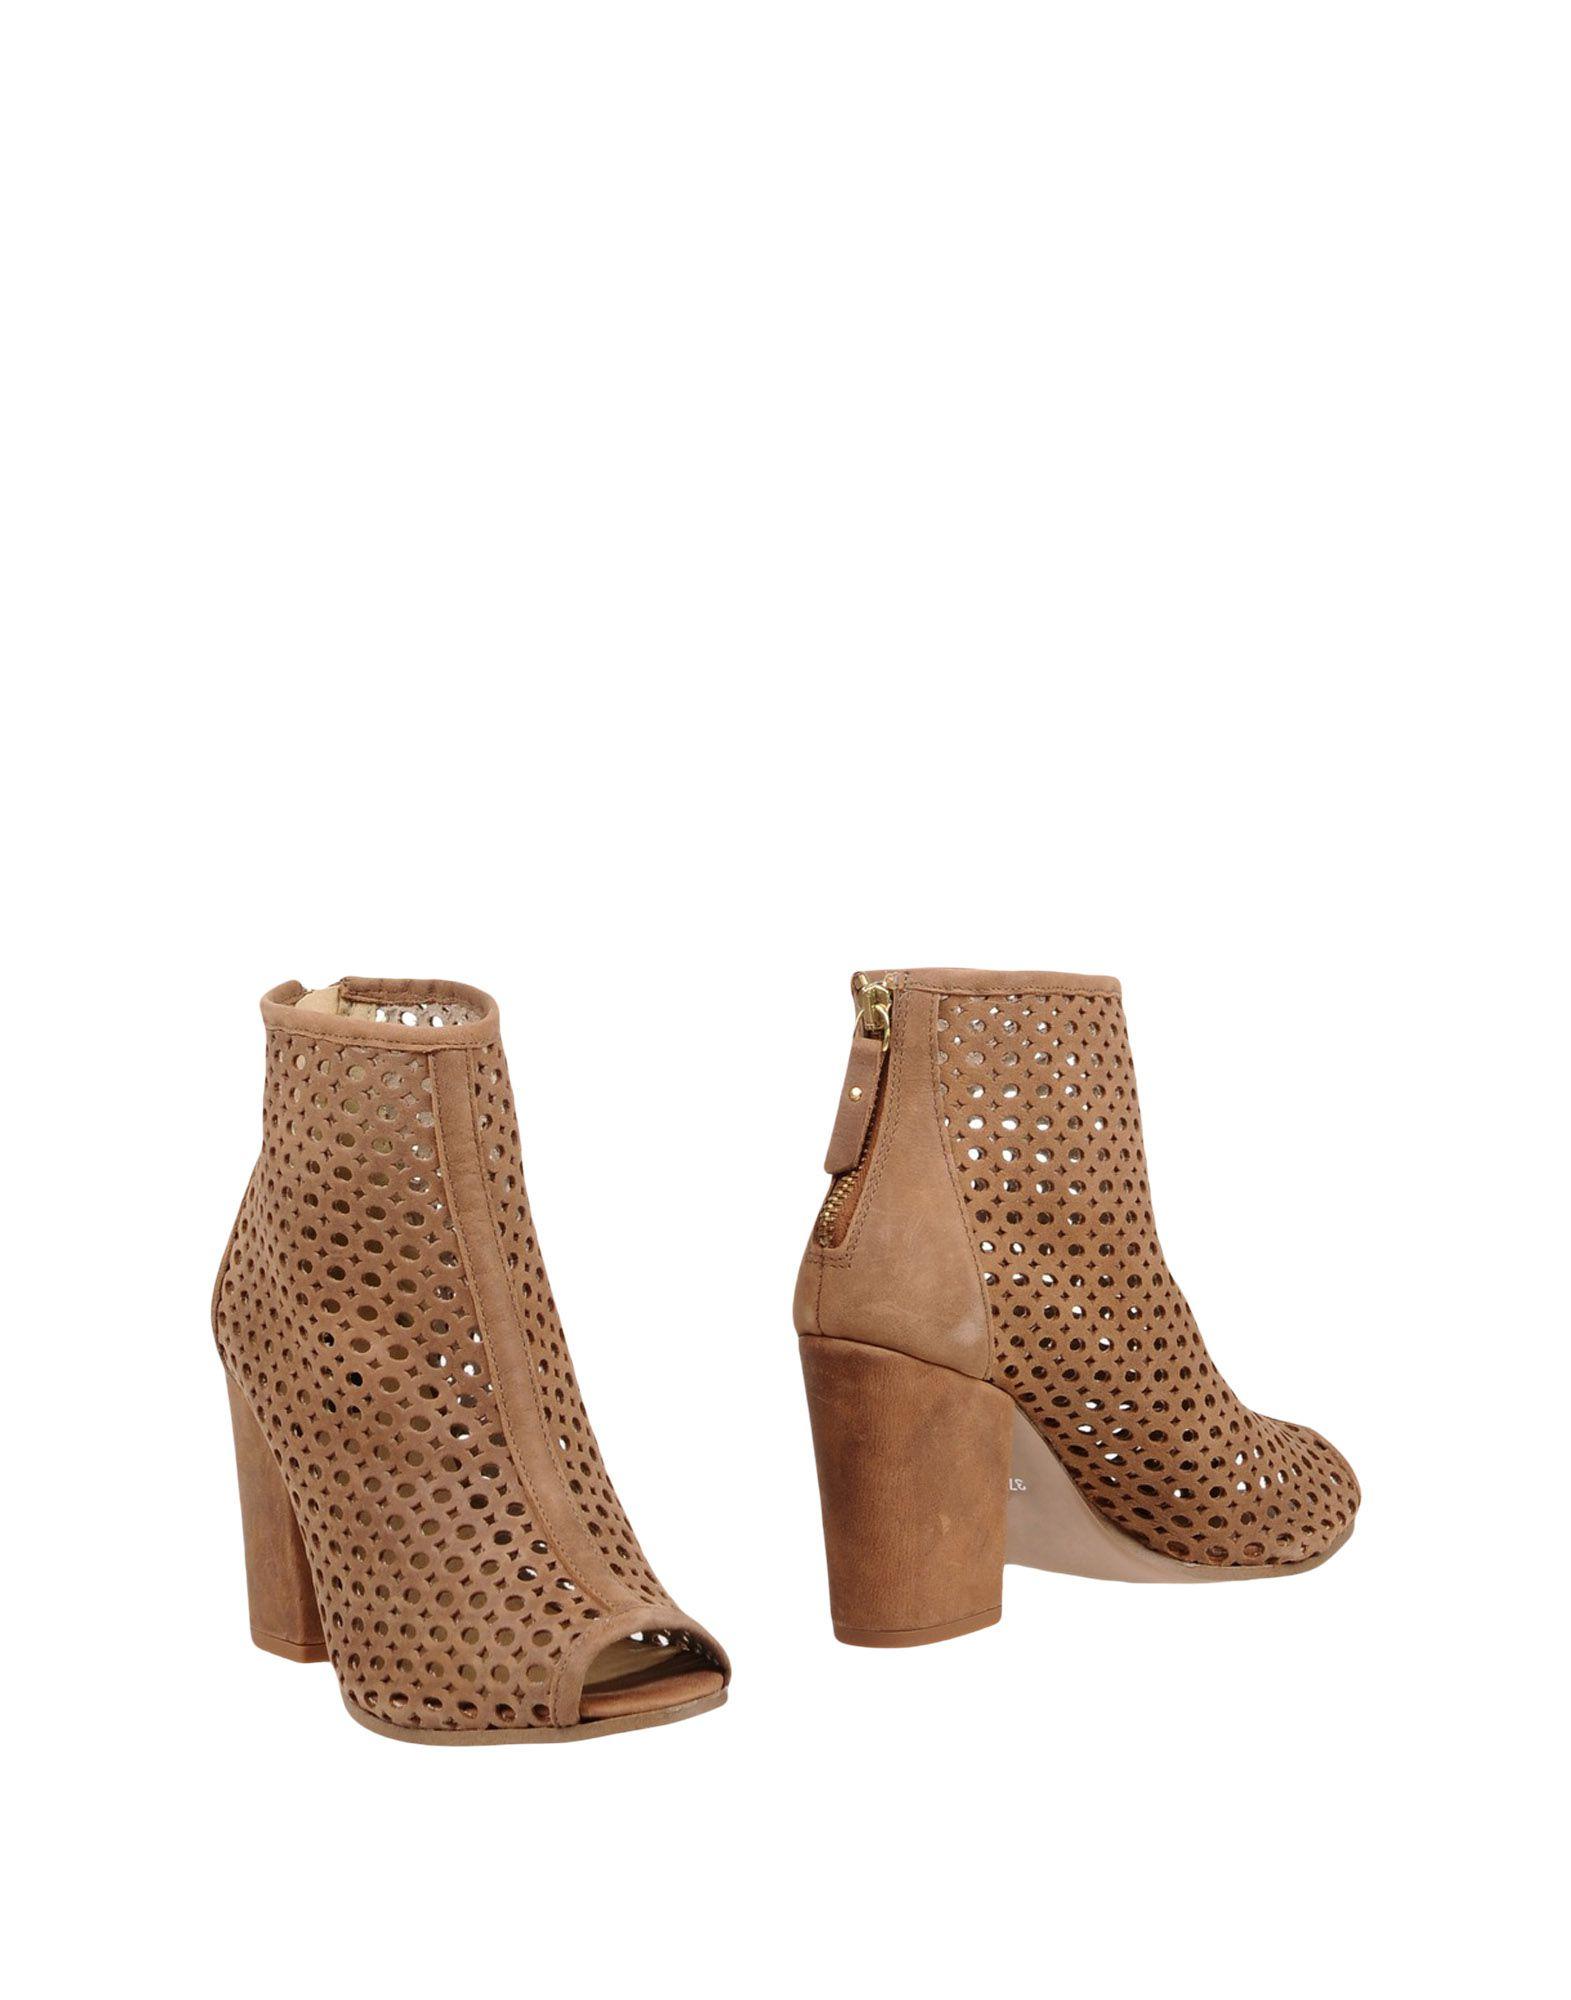 Pelledoca Stiefelette Damen  11427563CM Gute Qualität beliebte Schuhe